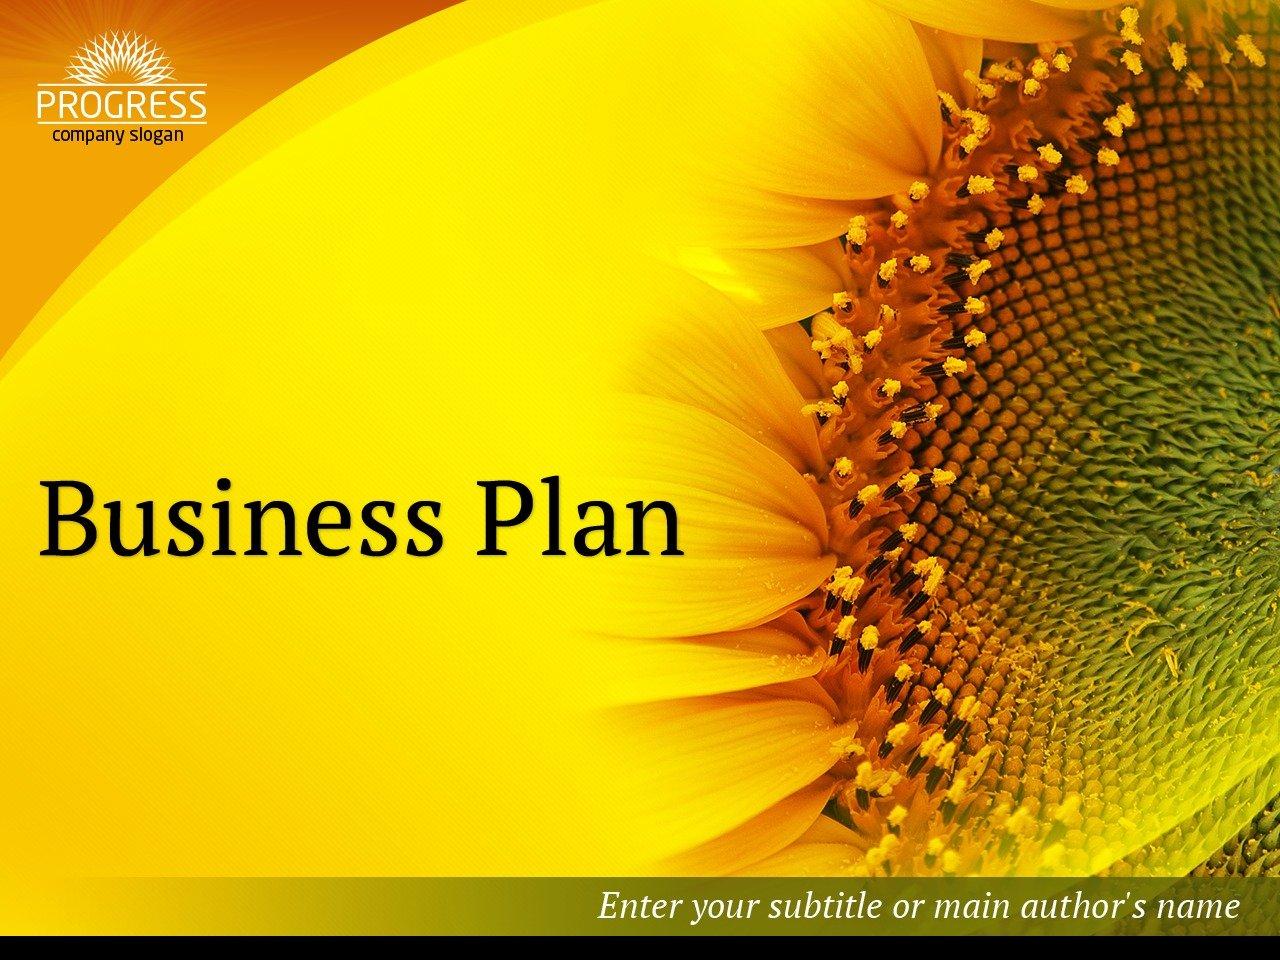 商业与服务PowerPoint 模板 #36990